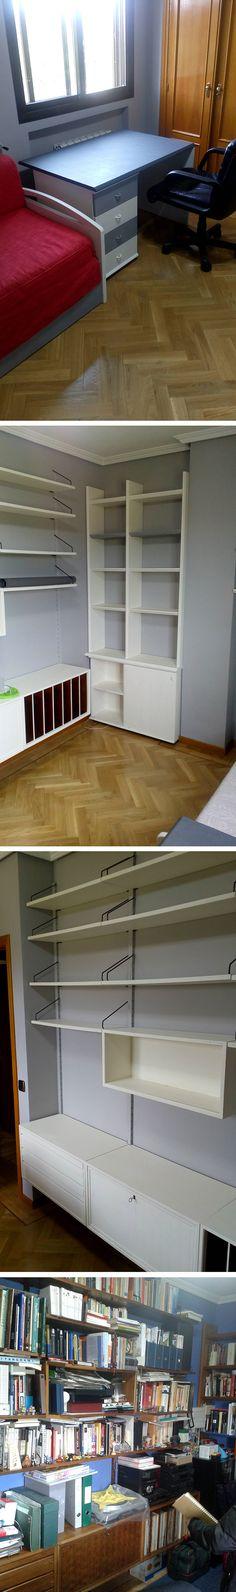 Pintura a la tiza en blanco y gris de un escritorio, una cama, dos estanterías y una librería modular. Pintura plástica gris en paredes.